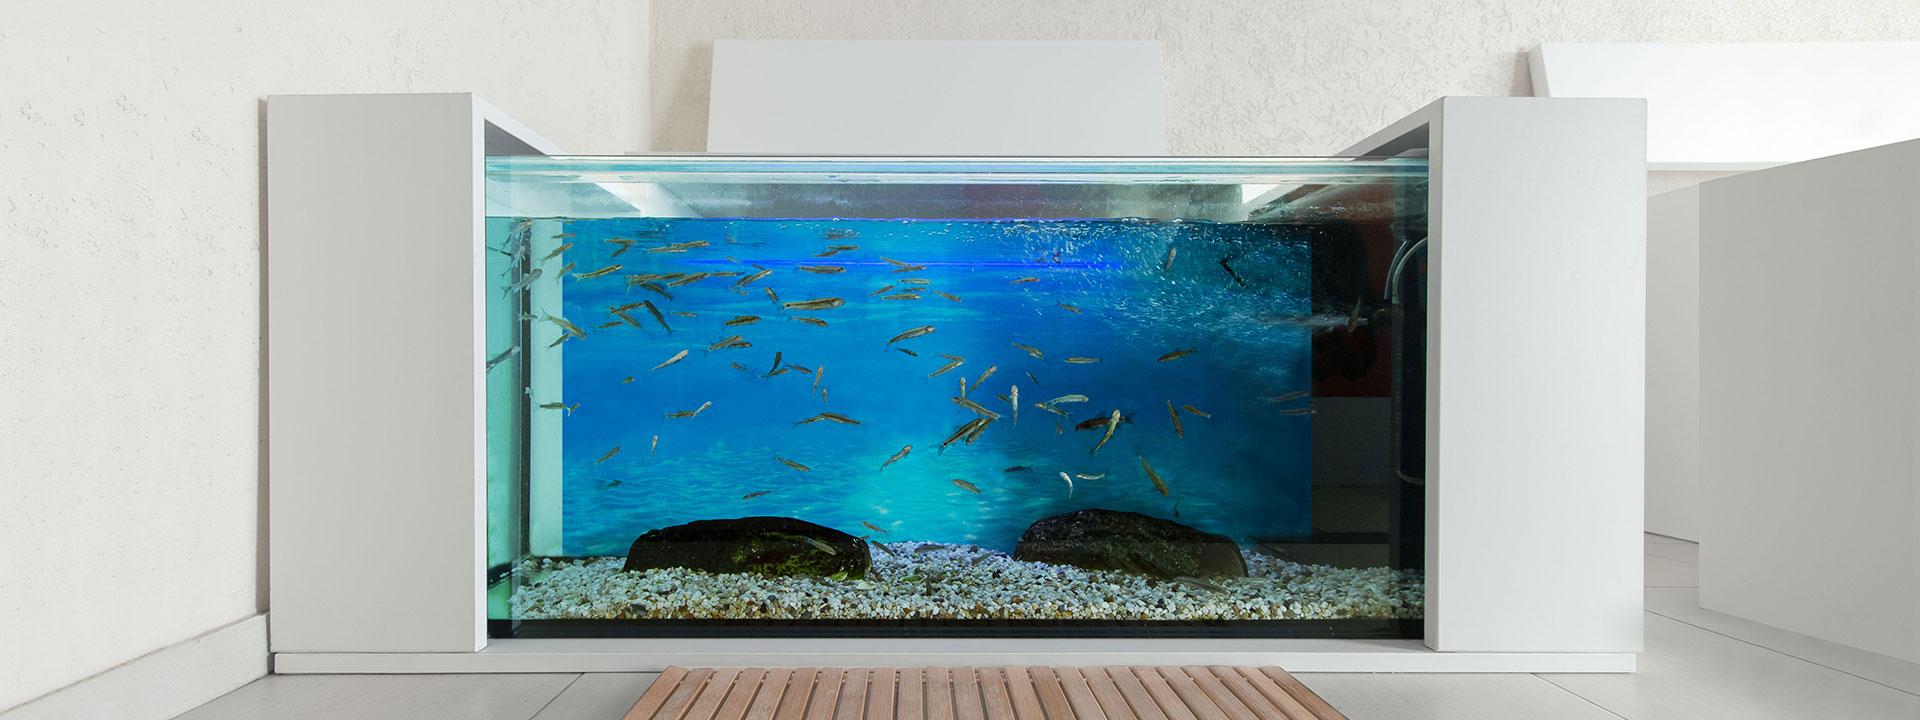 Knabber-Spa Design-Aquarien für Kangalfische B2B